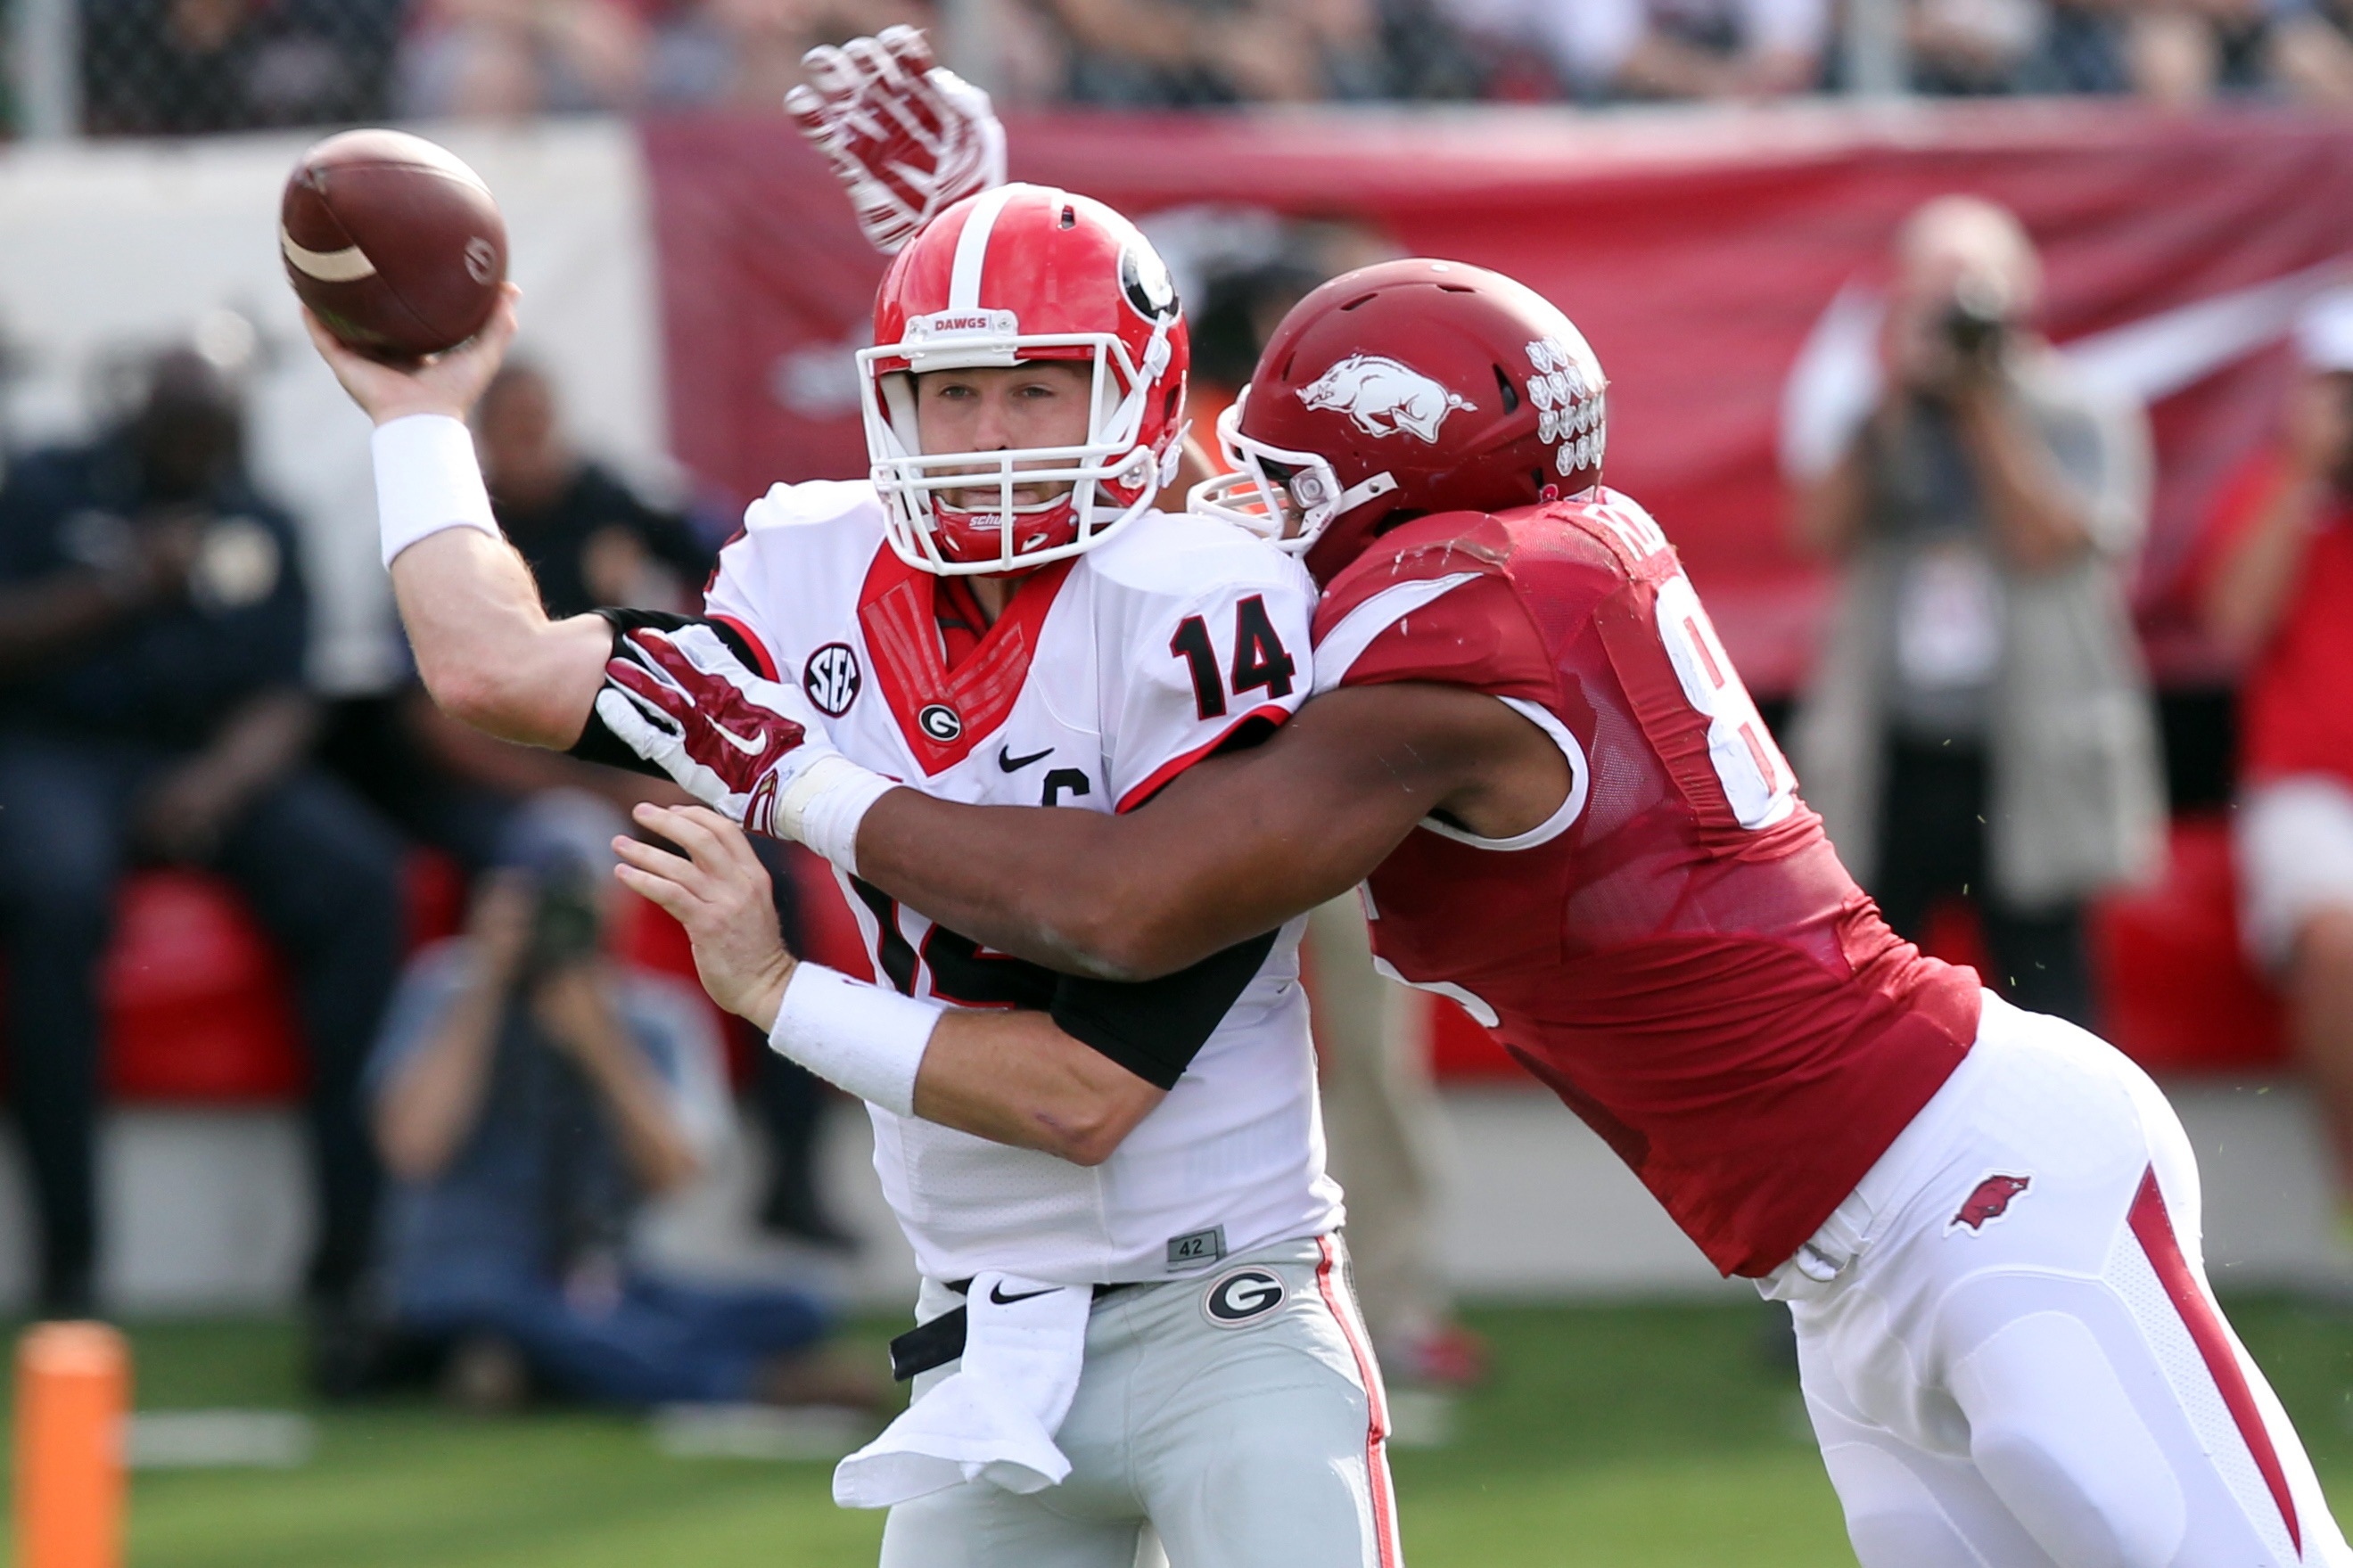 Arkansas DE Trey Flowers snubbed from All SEC team